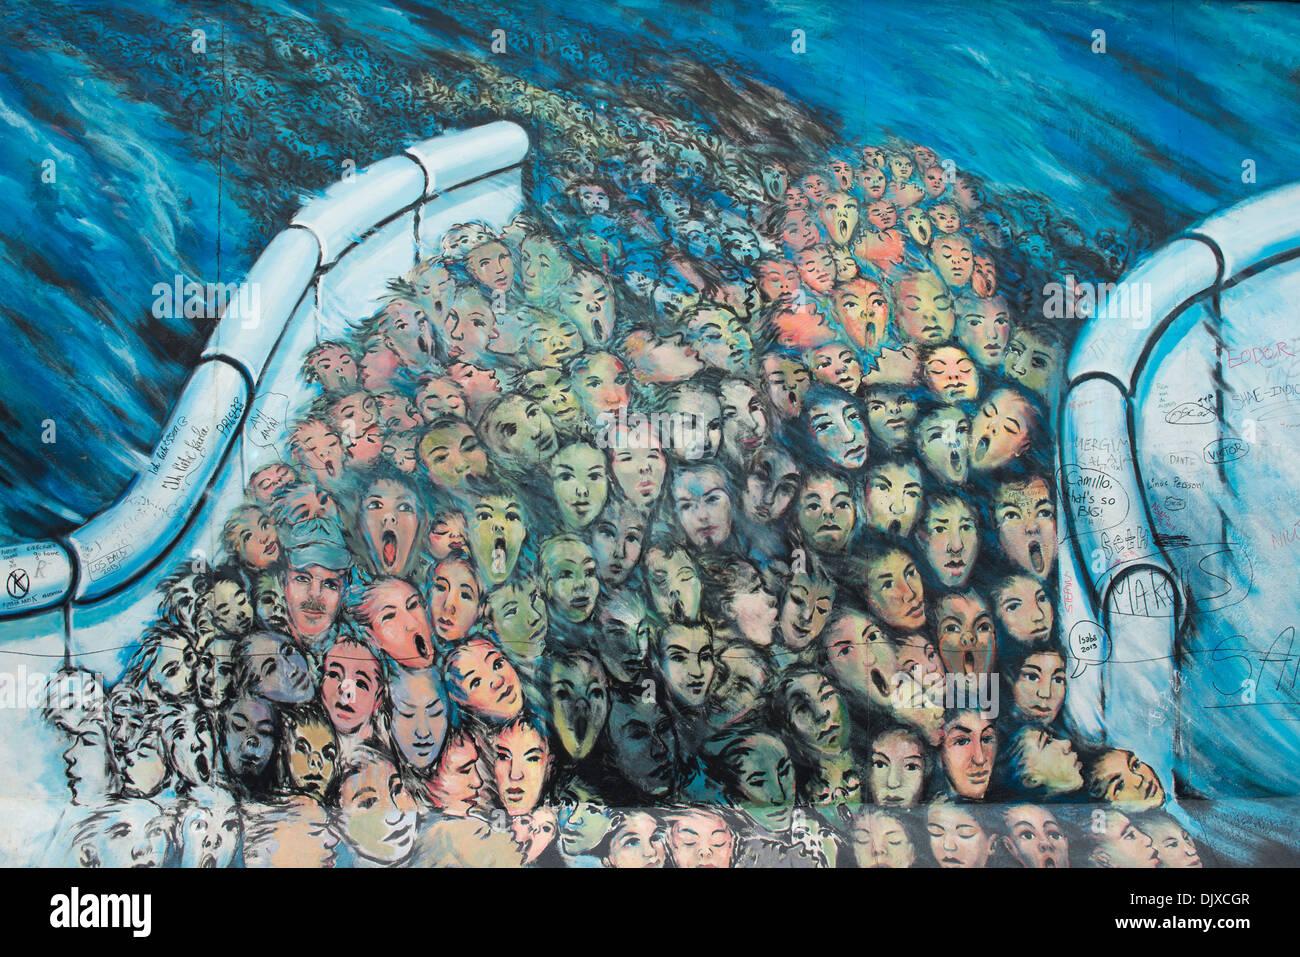 L'art du graffiti représentant les personnes fuyant Berlin Est. Peint sur la East Side Gallery, Berlin, Allemagne. Photo Stock